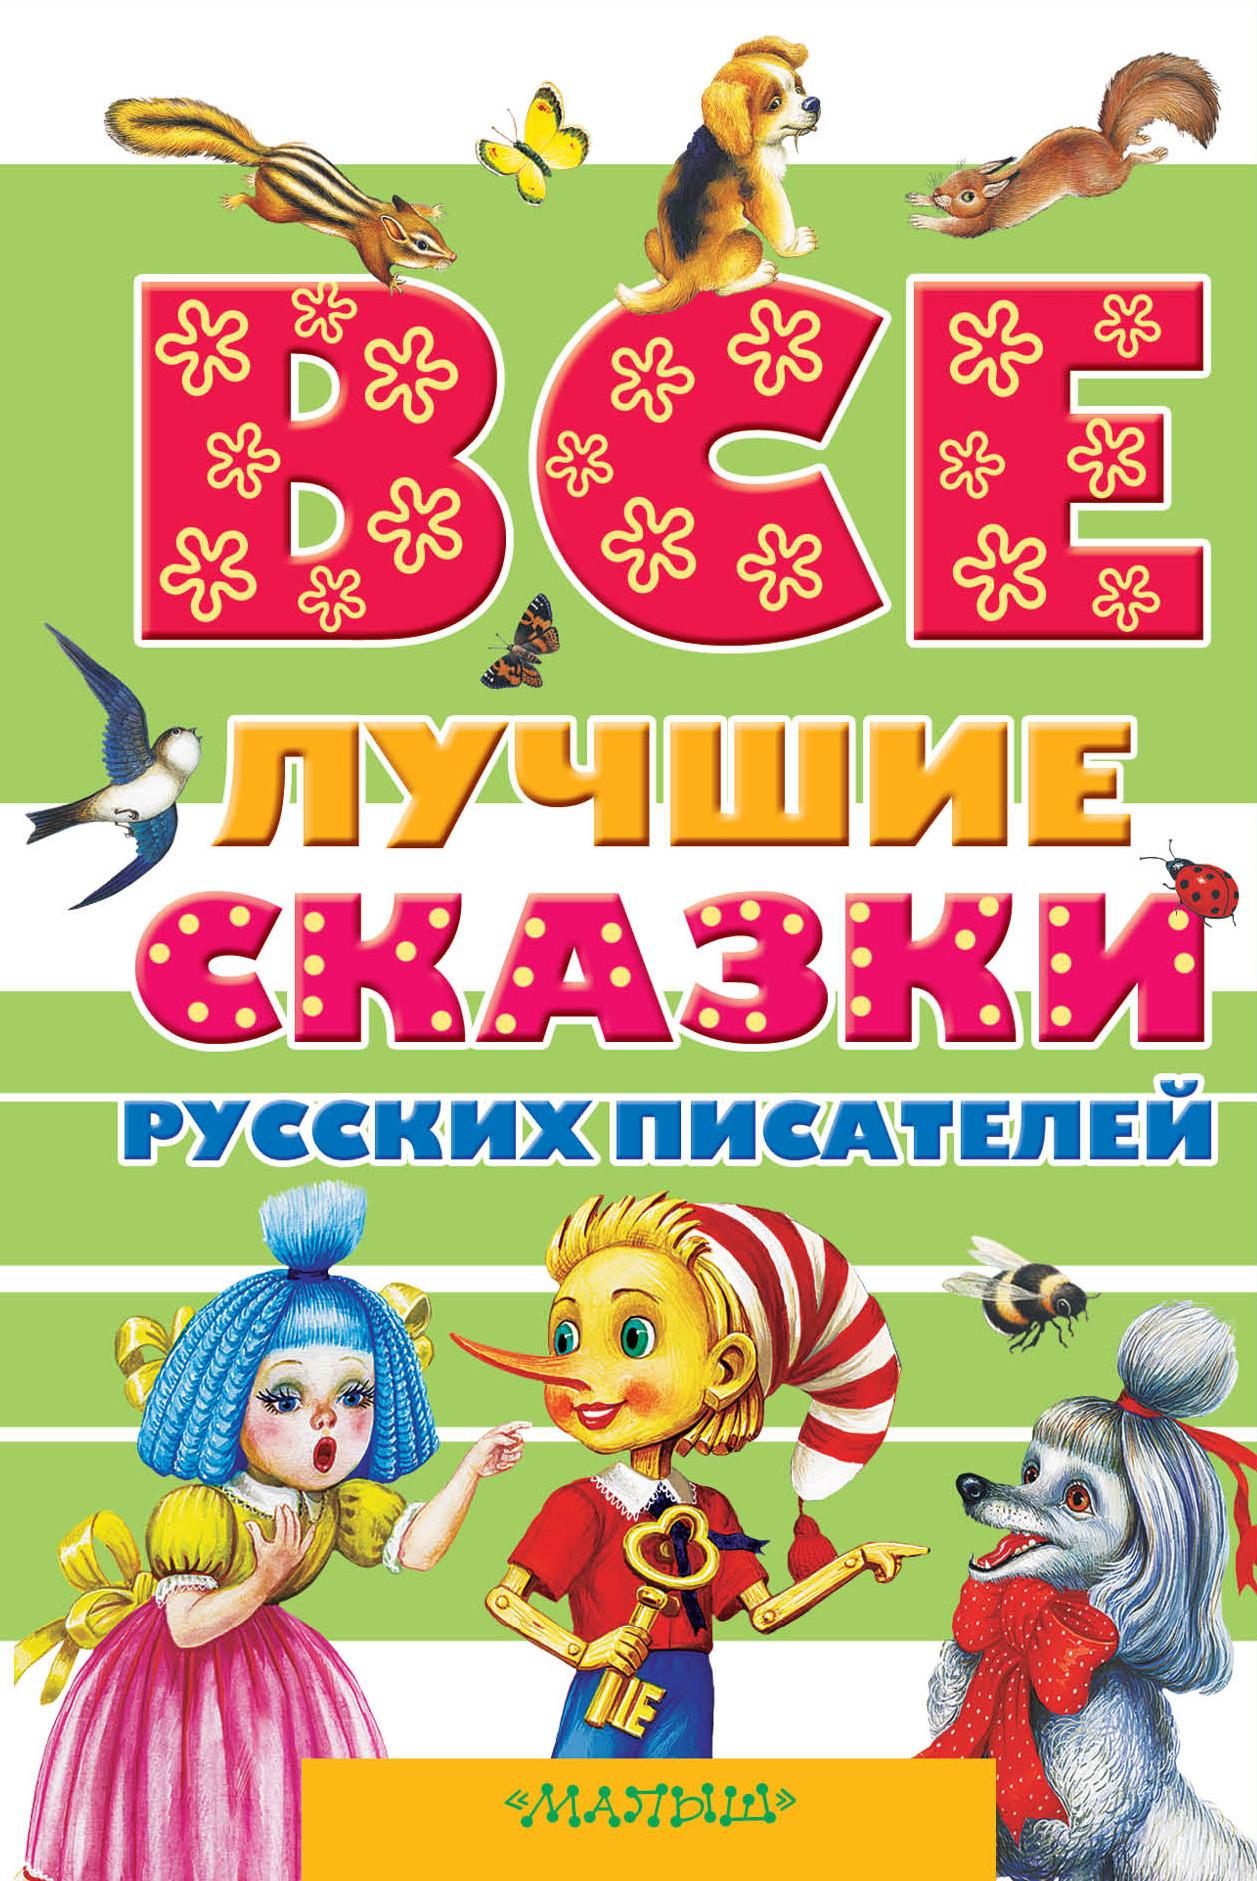 Александр Пушкин Все лучшие сказки русских писателей (сборник)